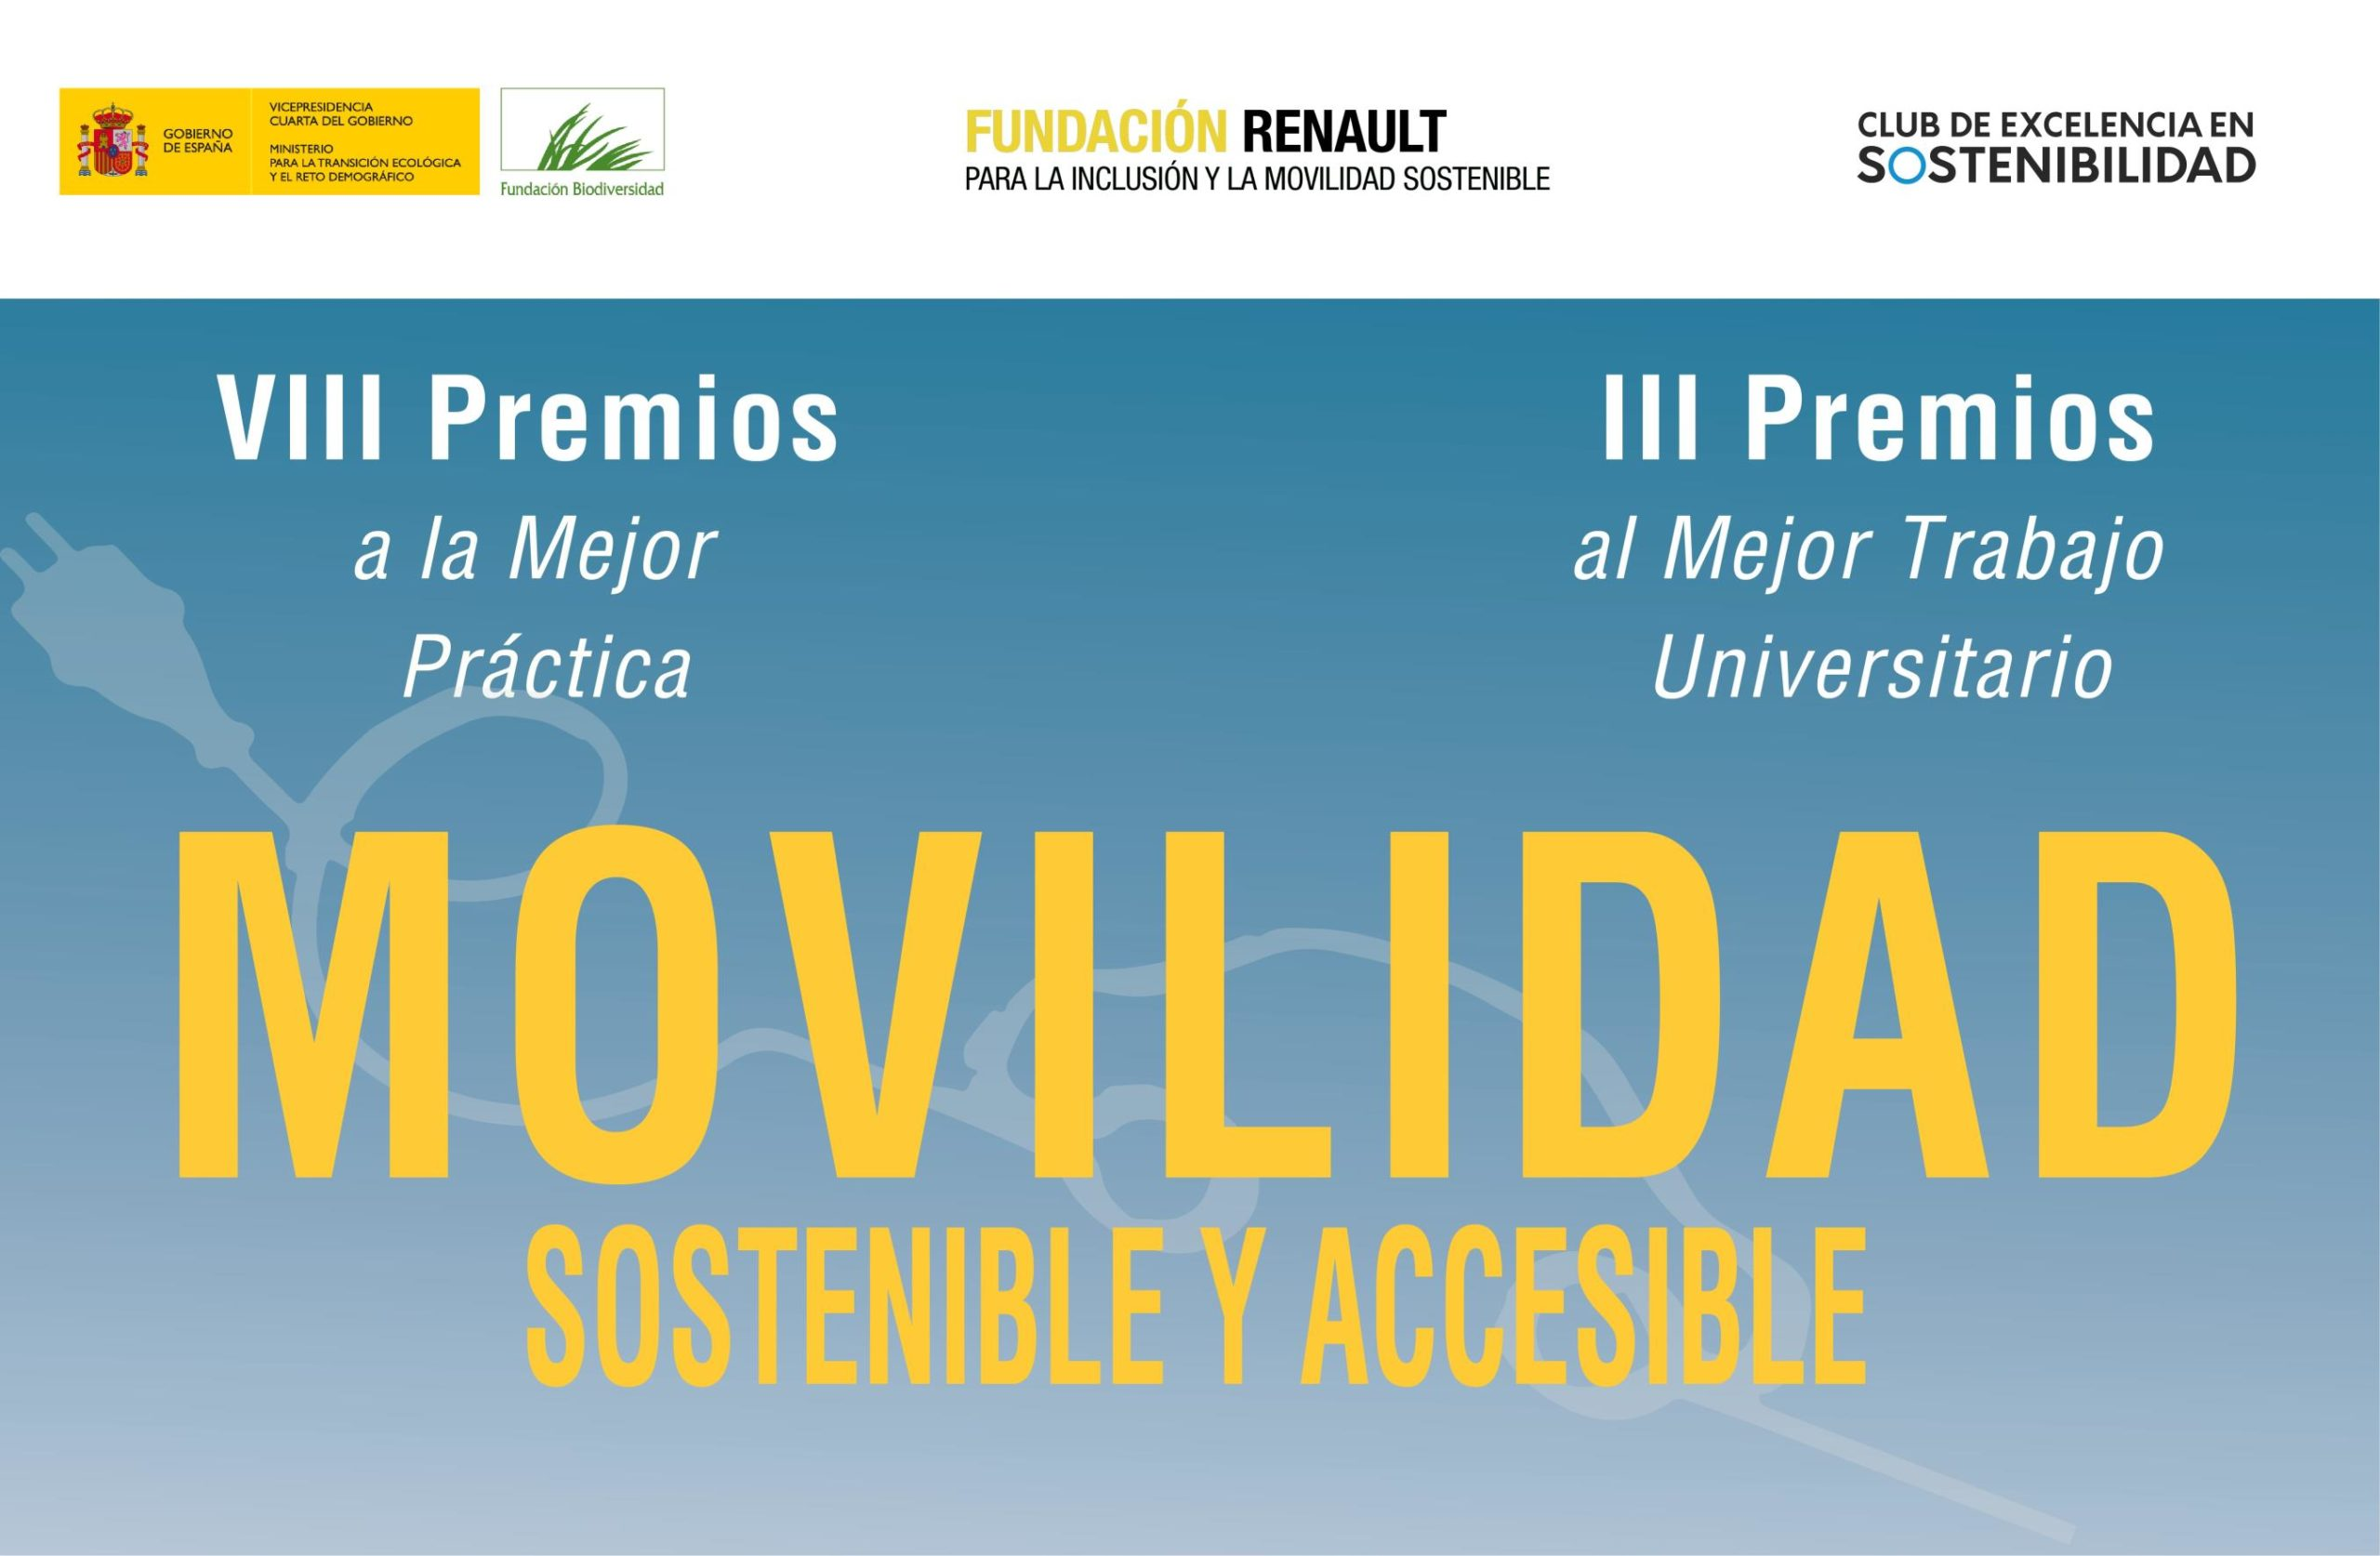 VIII edición de los Premios Movilidad Sostenible y Accesible by Renault